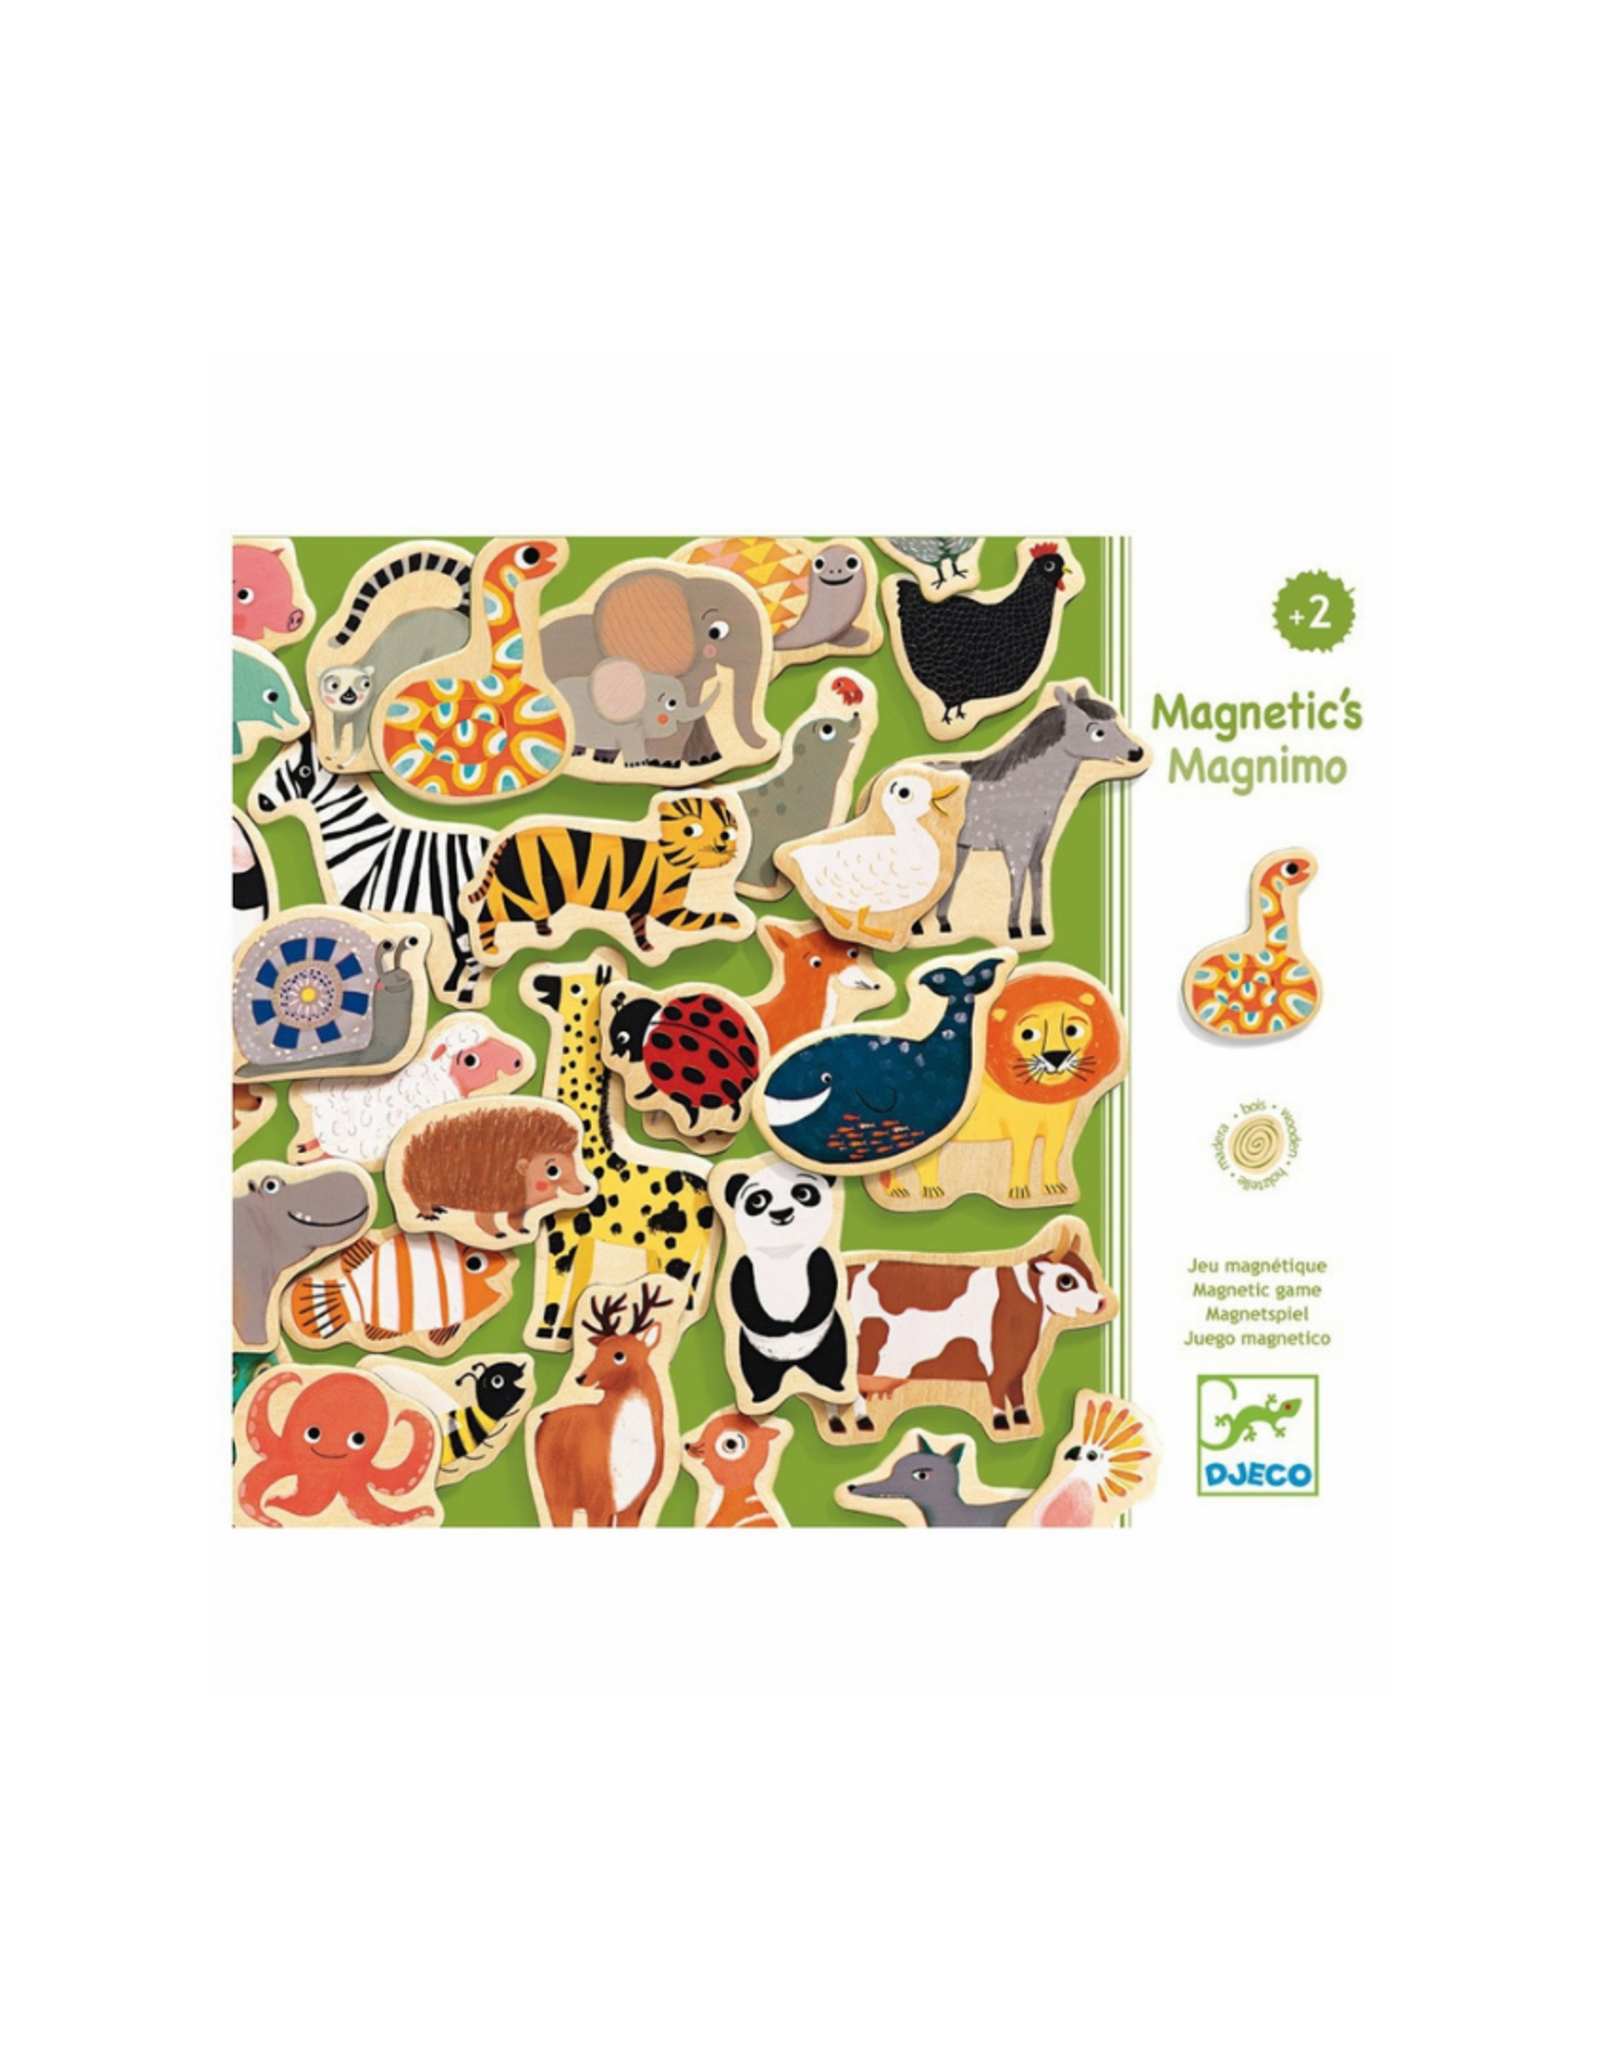 Djeco Wooden Magnetics - Magnimo